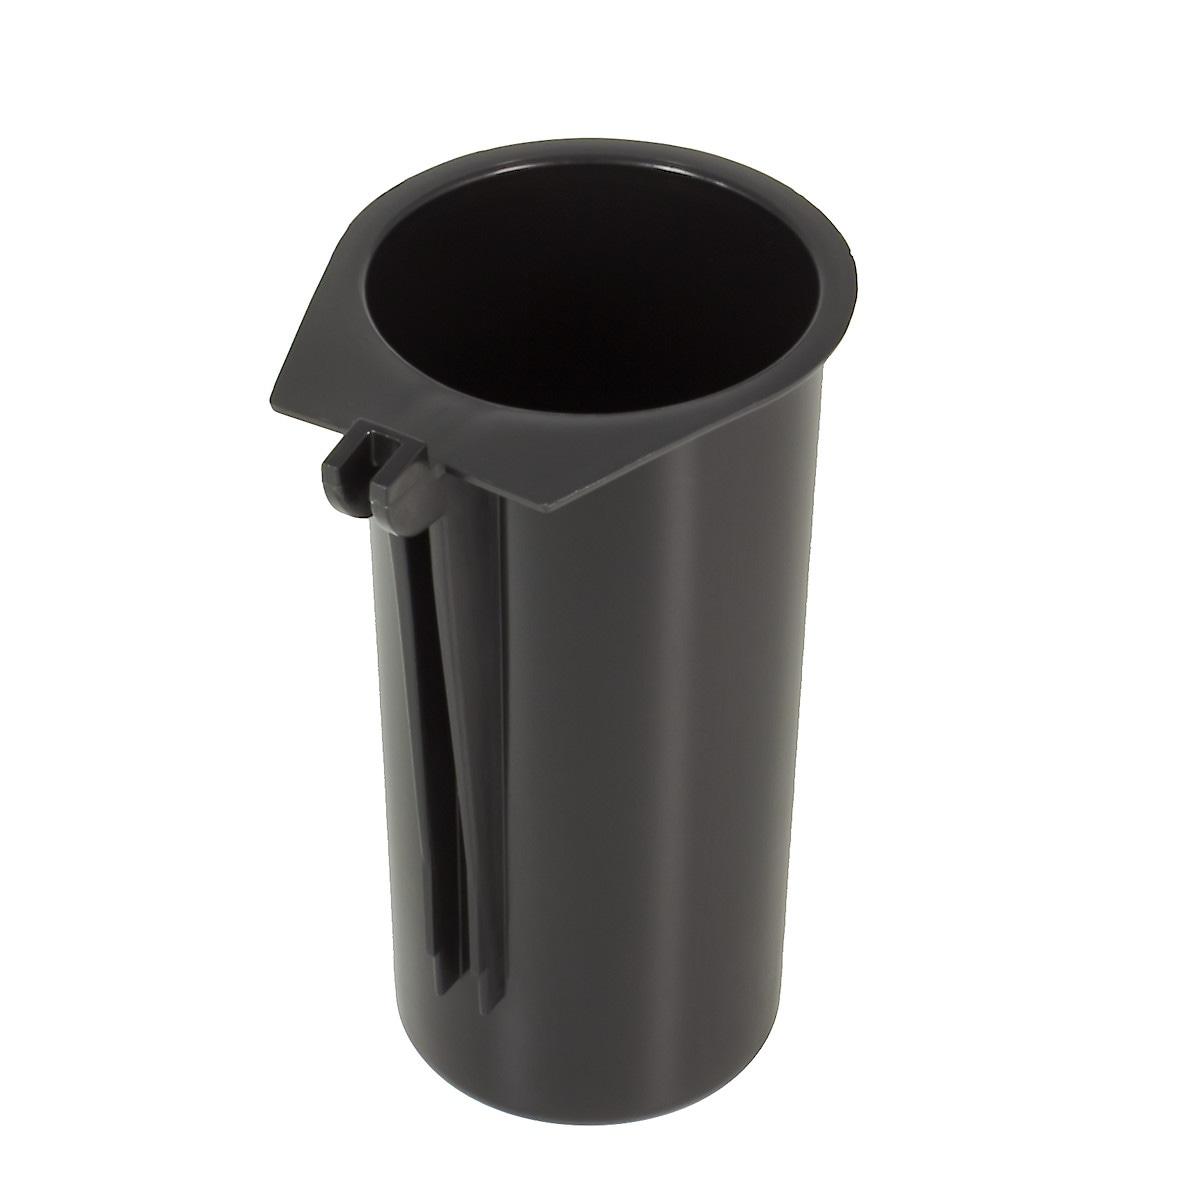 Raaco rørholder 50 x 110 mm